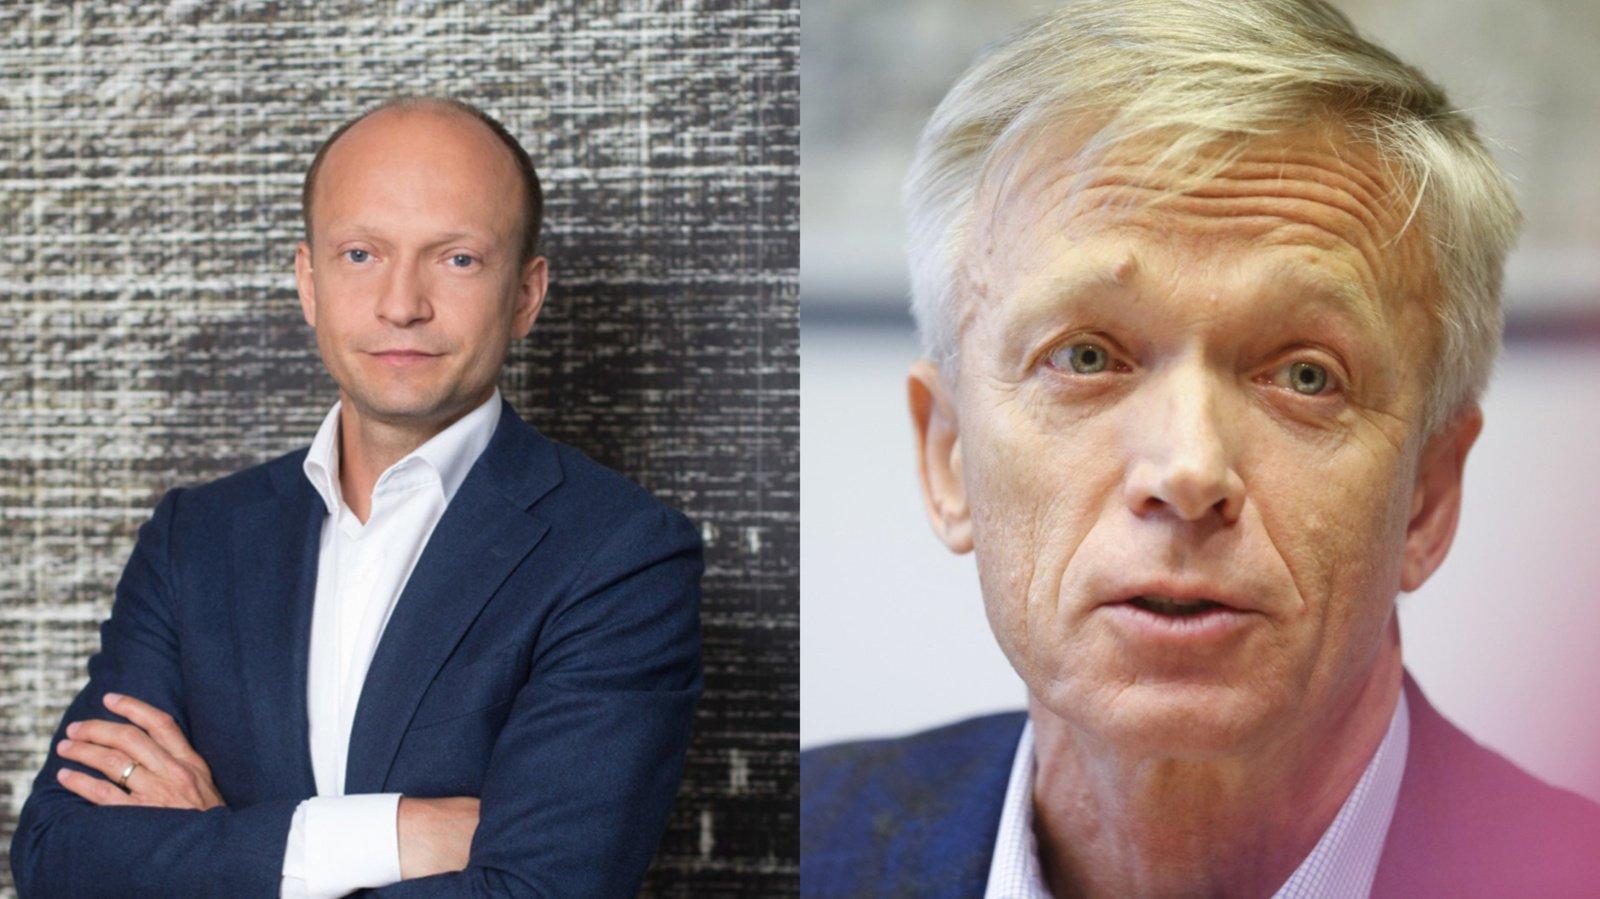 Įtakingiausi verslo atstovai – N. Mačiulis ir A. Avulis